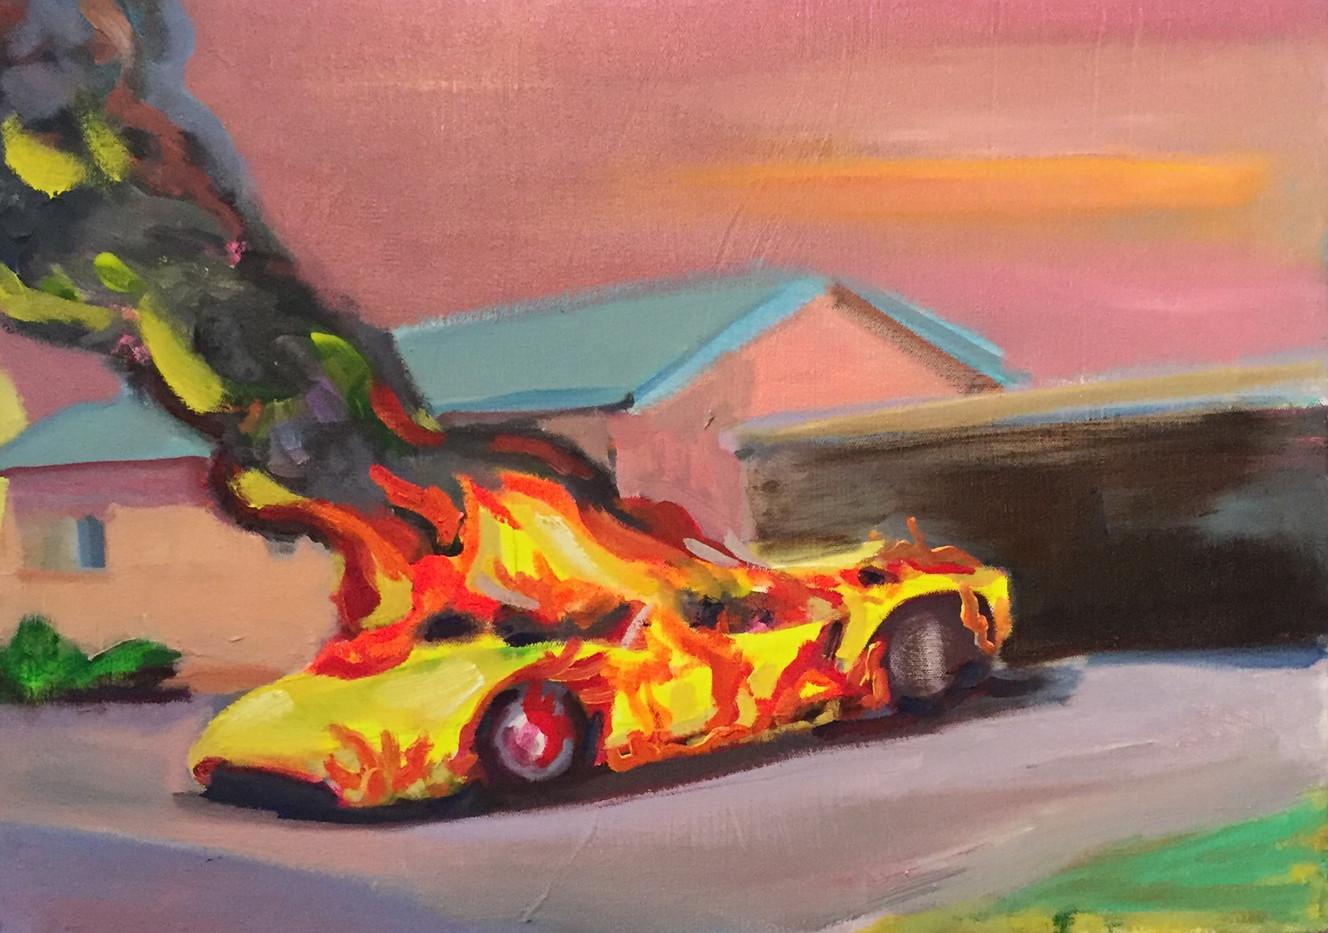 Burning Lambo in Suburbia